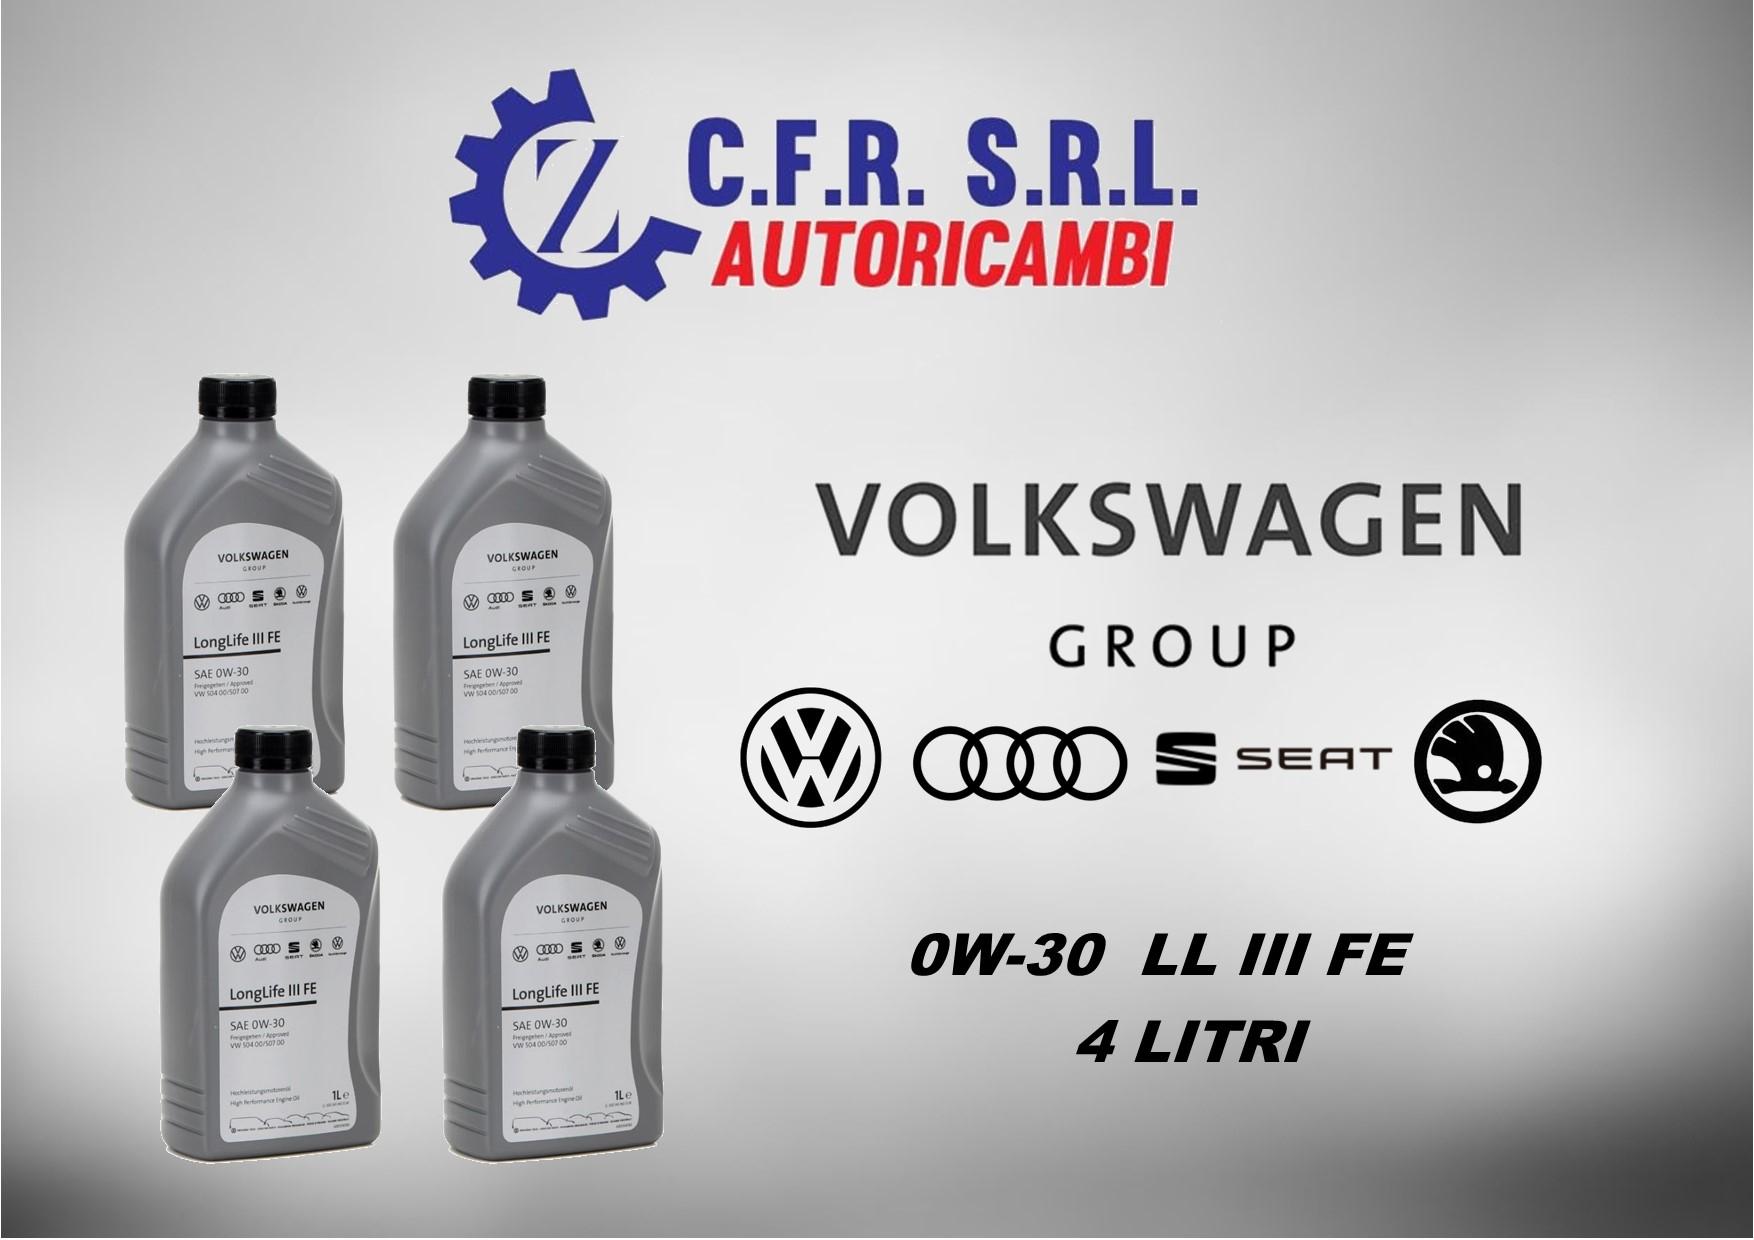 4PZ OLIO LUBRIFICANTE VW 0W-30 ORIGINALE